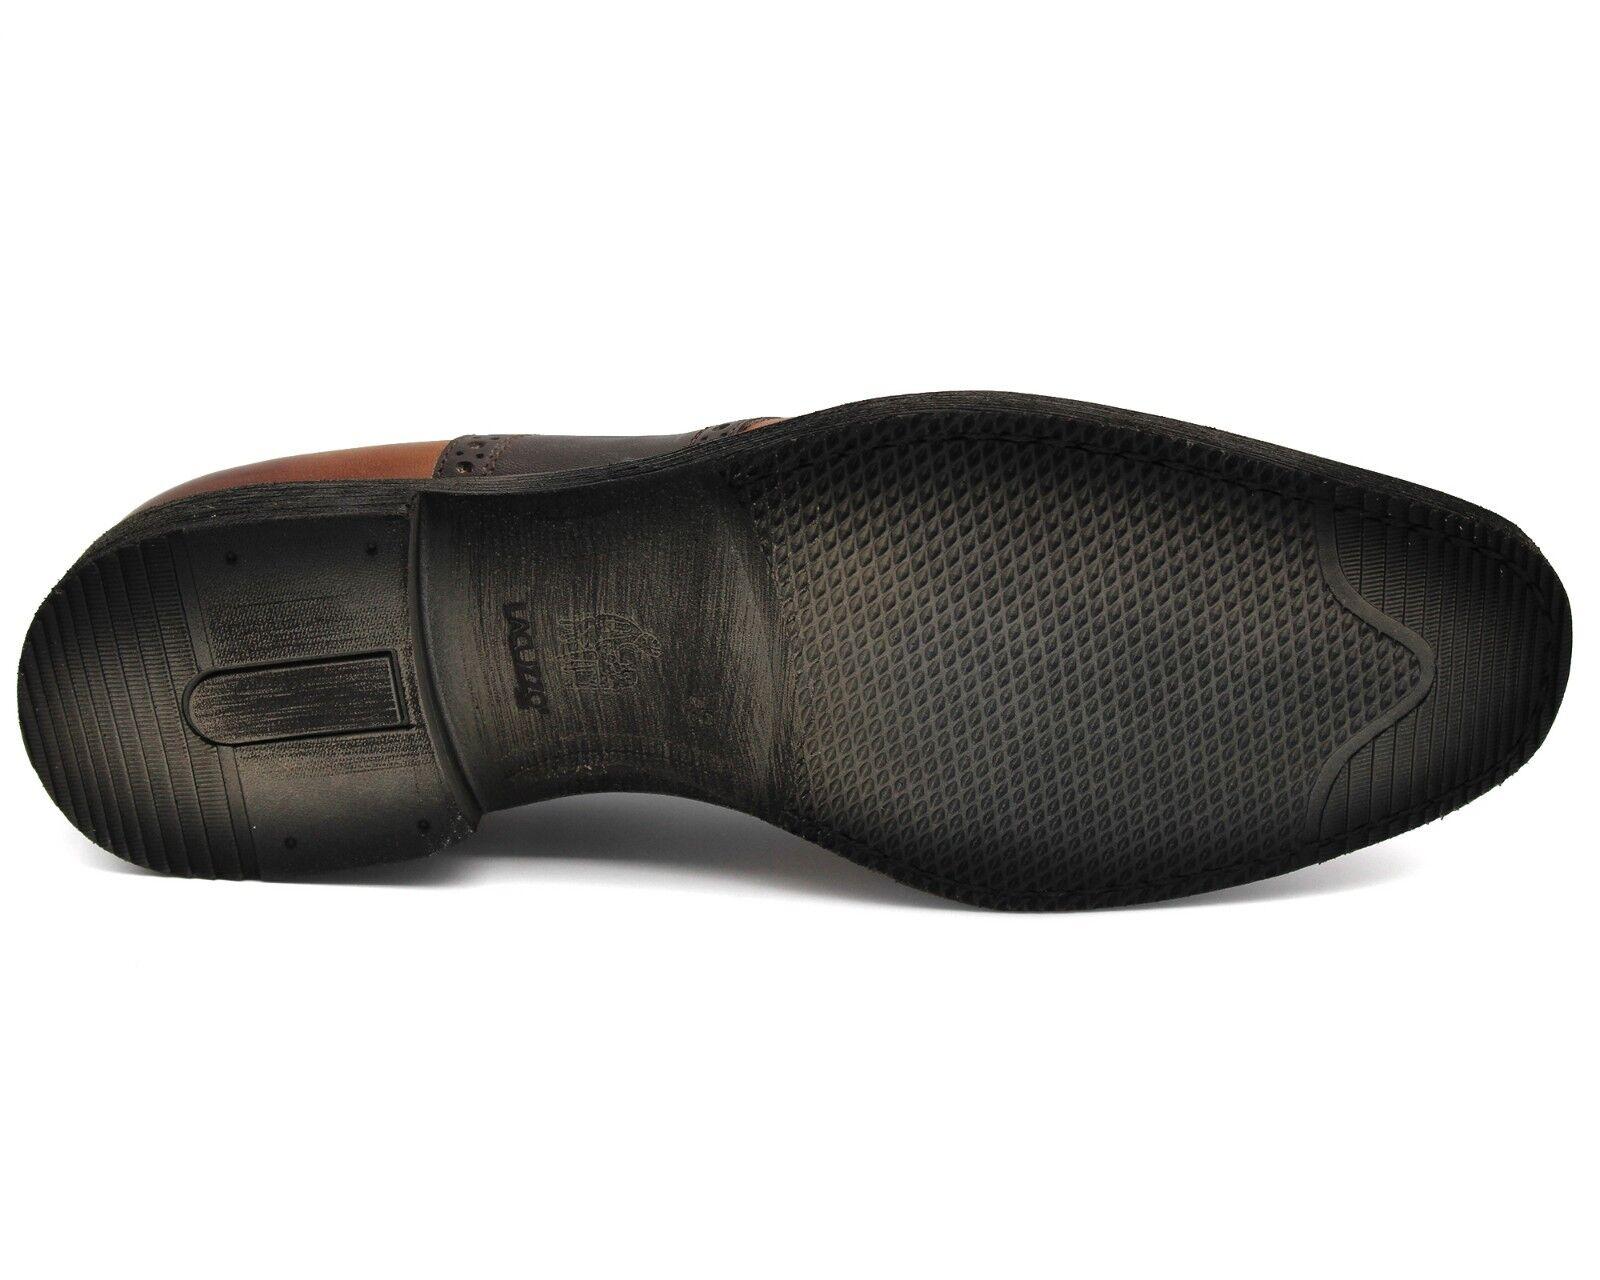 Reino Unido 8 para Hombre Marrón Real Real Real Cuero Inteligente Zapatos Con Cordones Trabajo De Oficina Informal 933266